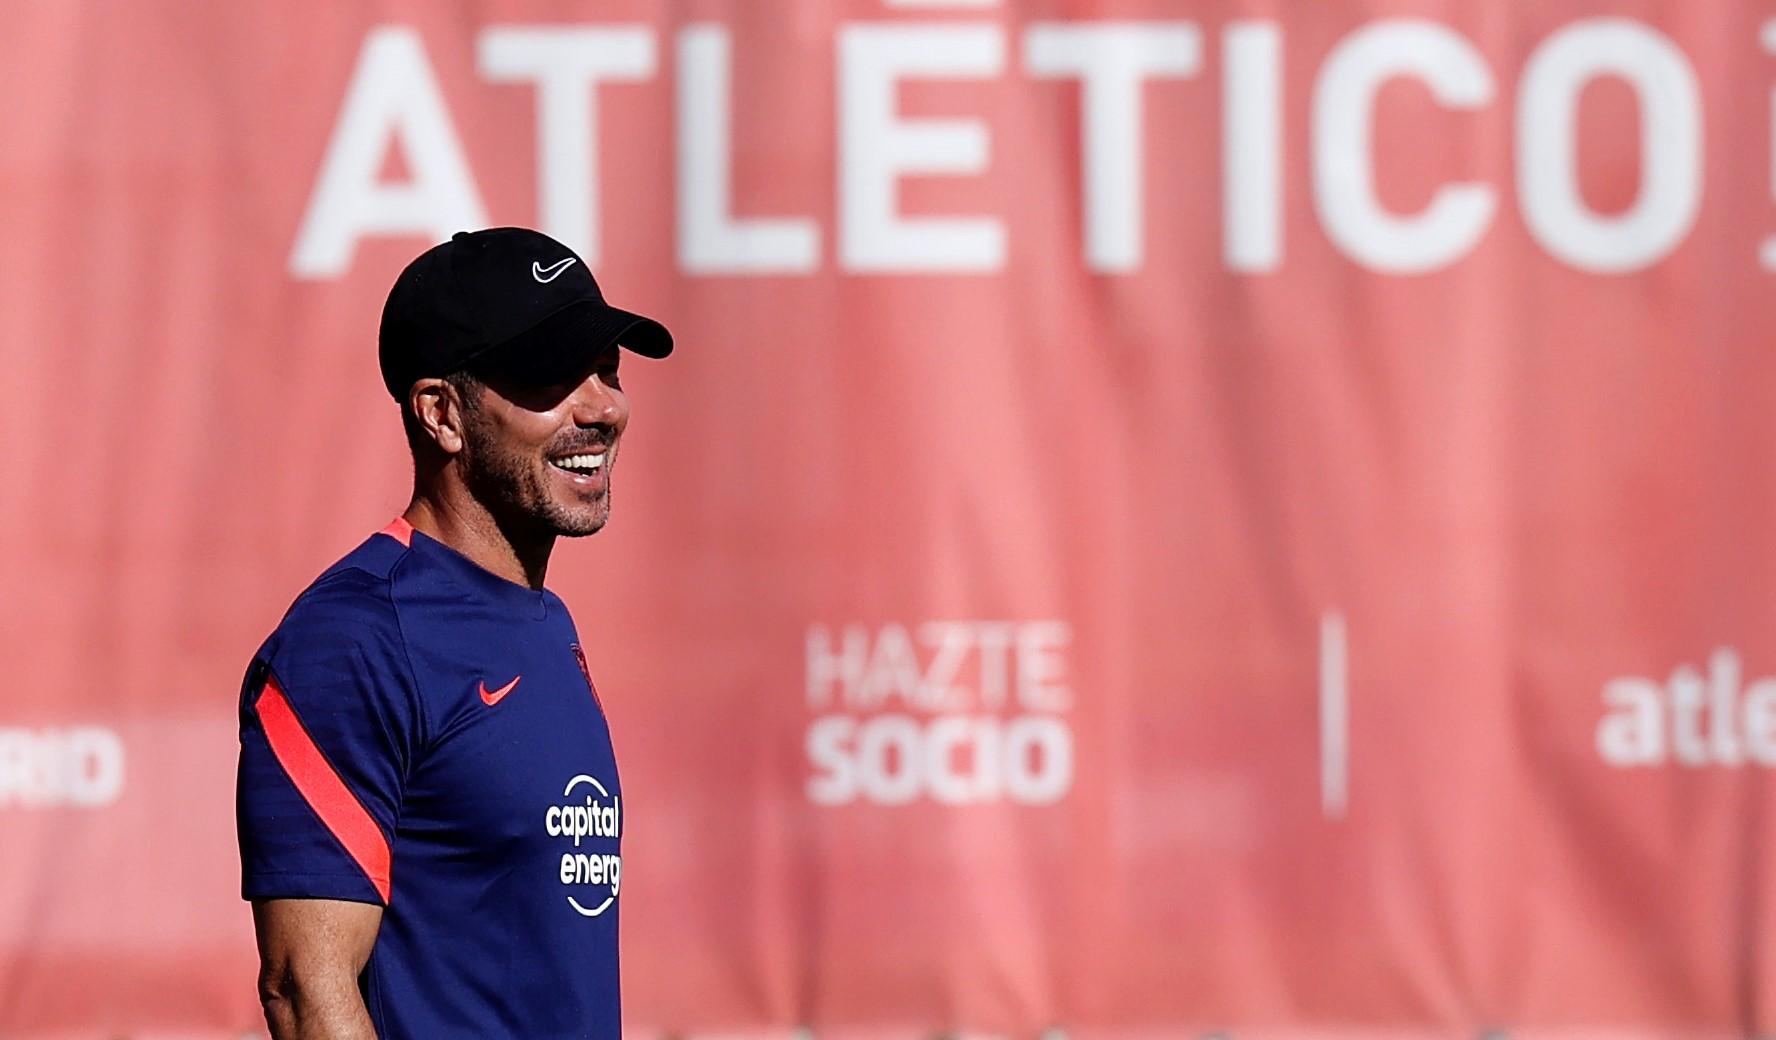 Diego Simeone habla de la defensa del título y su nuevo contrato con el Atlético de Madrid